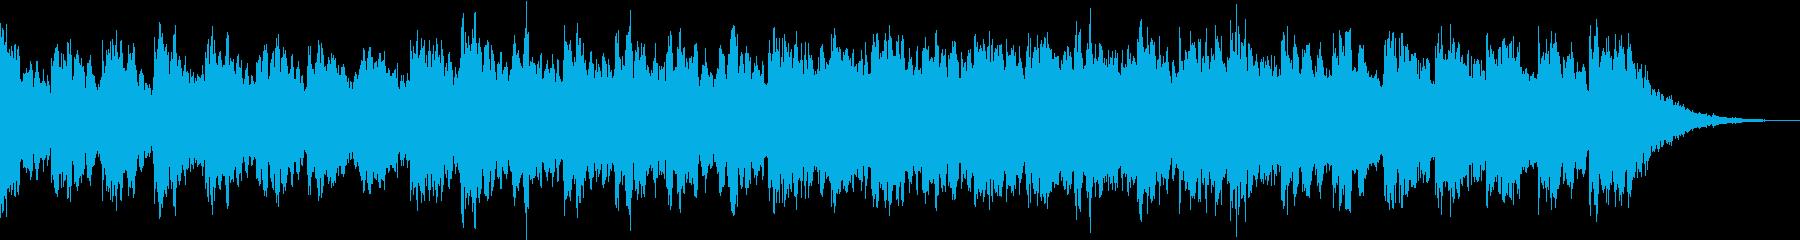 清々しいアンビエントなエレクトロの再生済みの波形